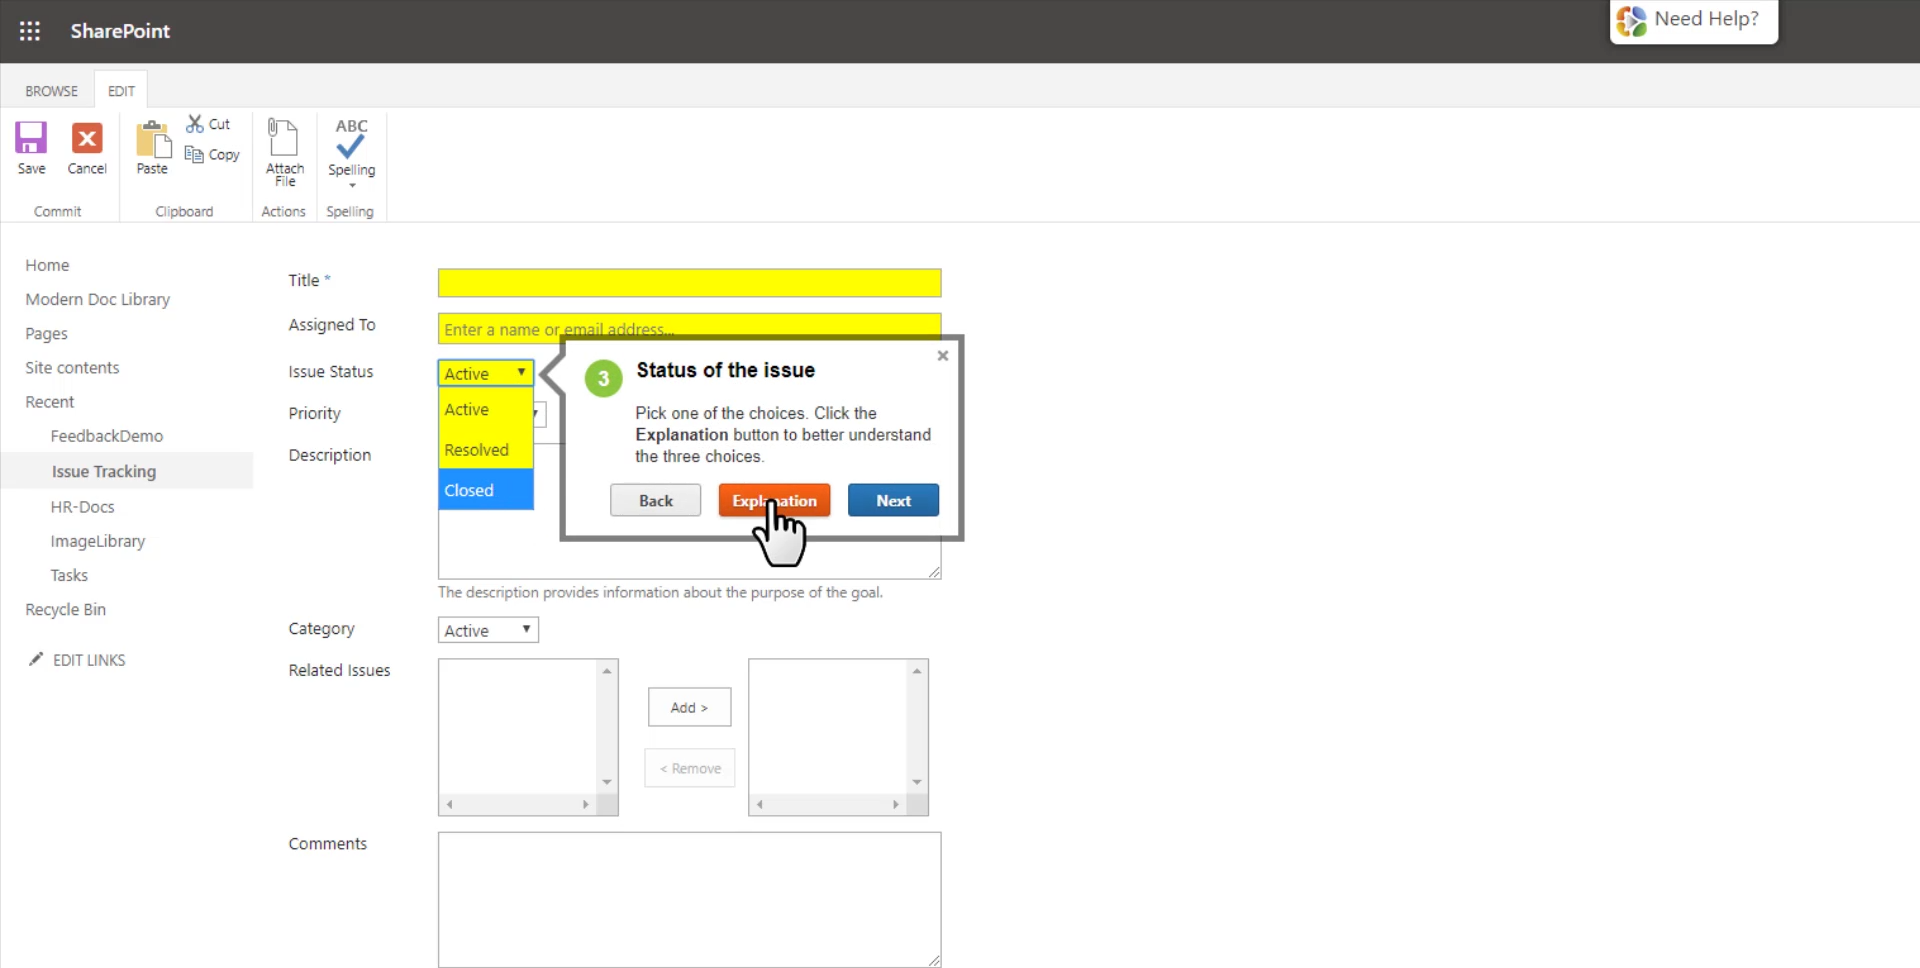 Explaining how to fill a form VisualSP 2